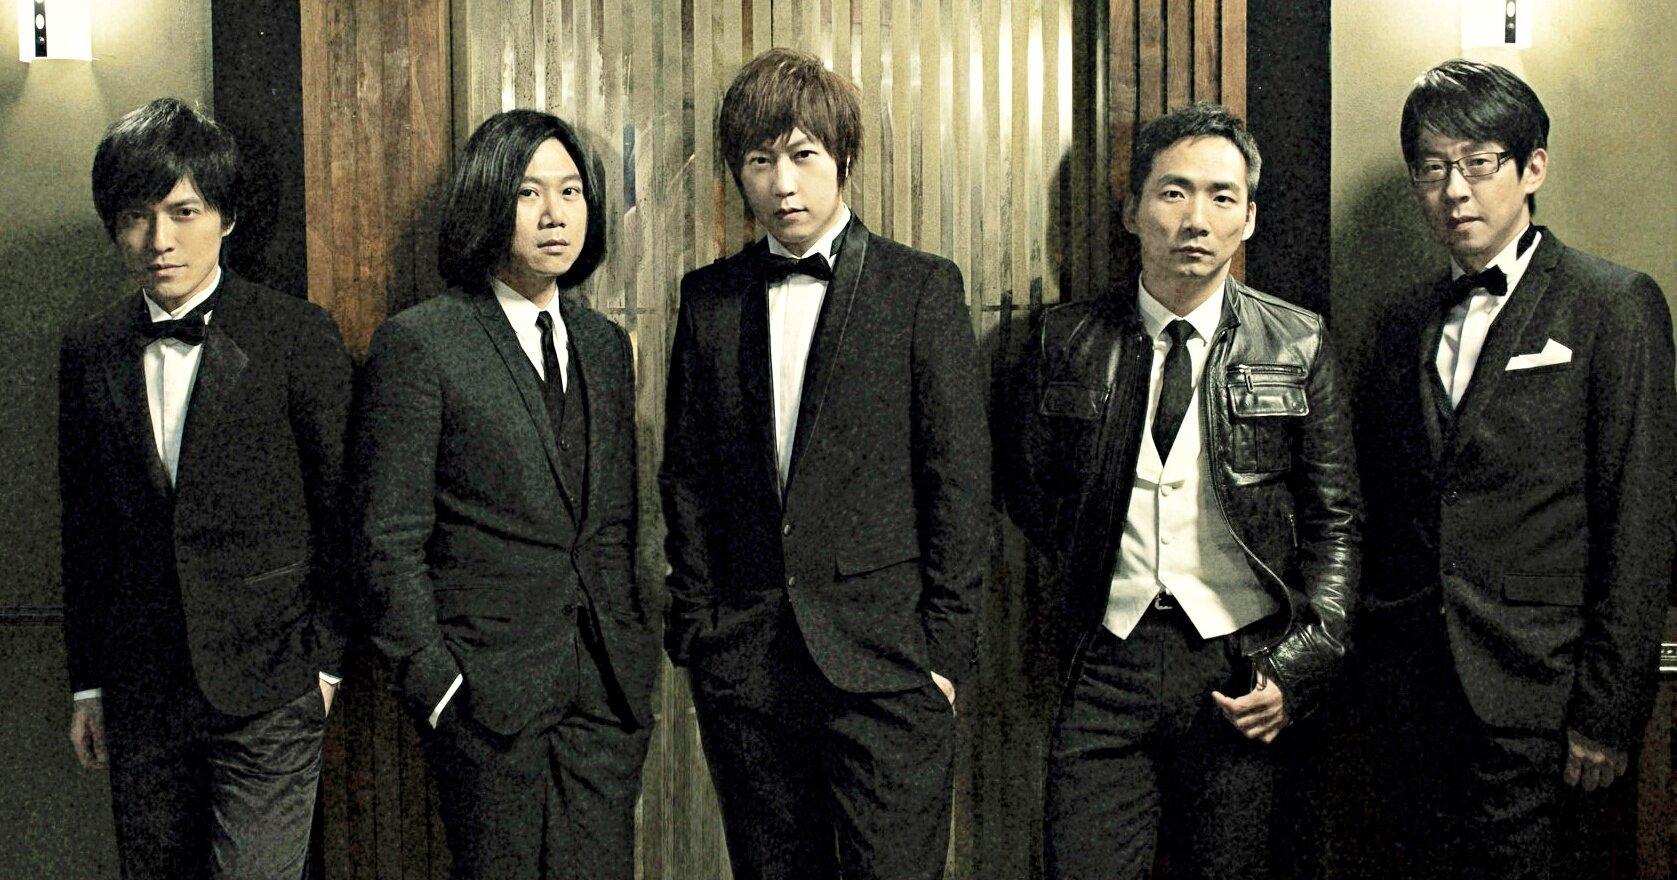 五月天、蕭敬騰、陳奕迅擔任頒獎嘉賓 S.H.E將站上「三葉草」表演舞台